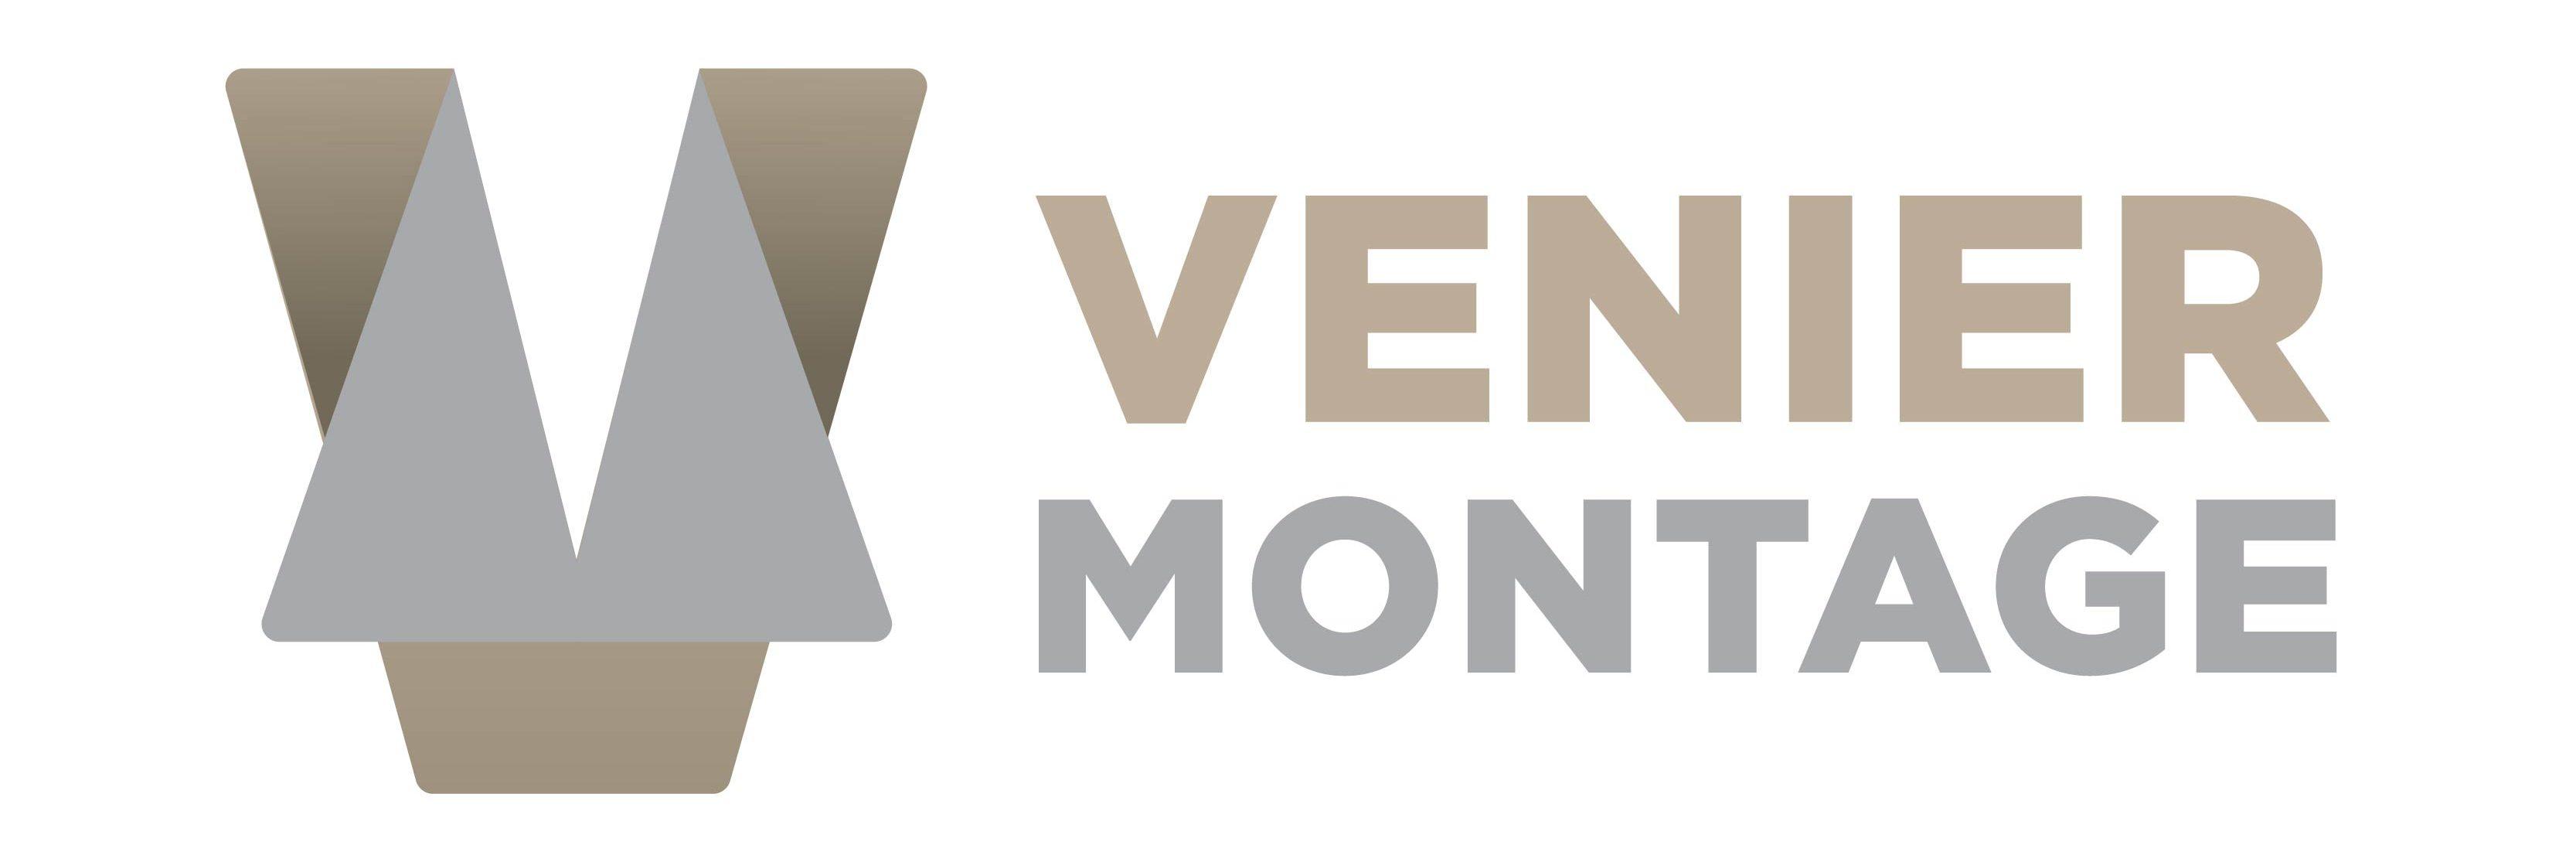 Venier Montage